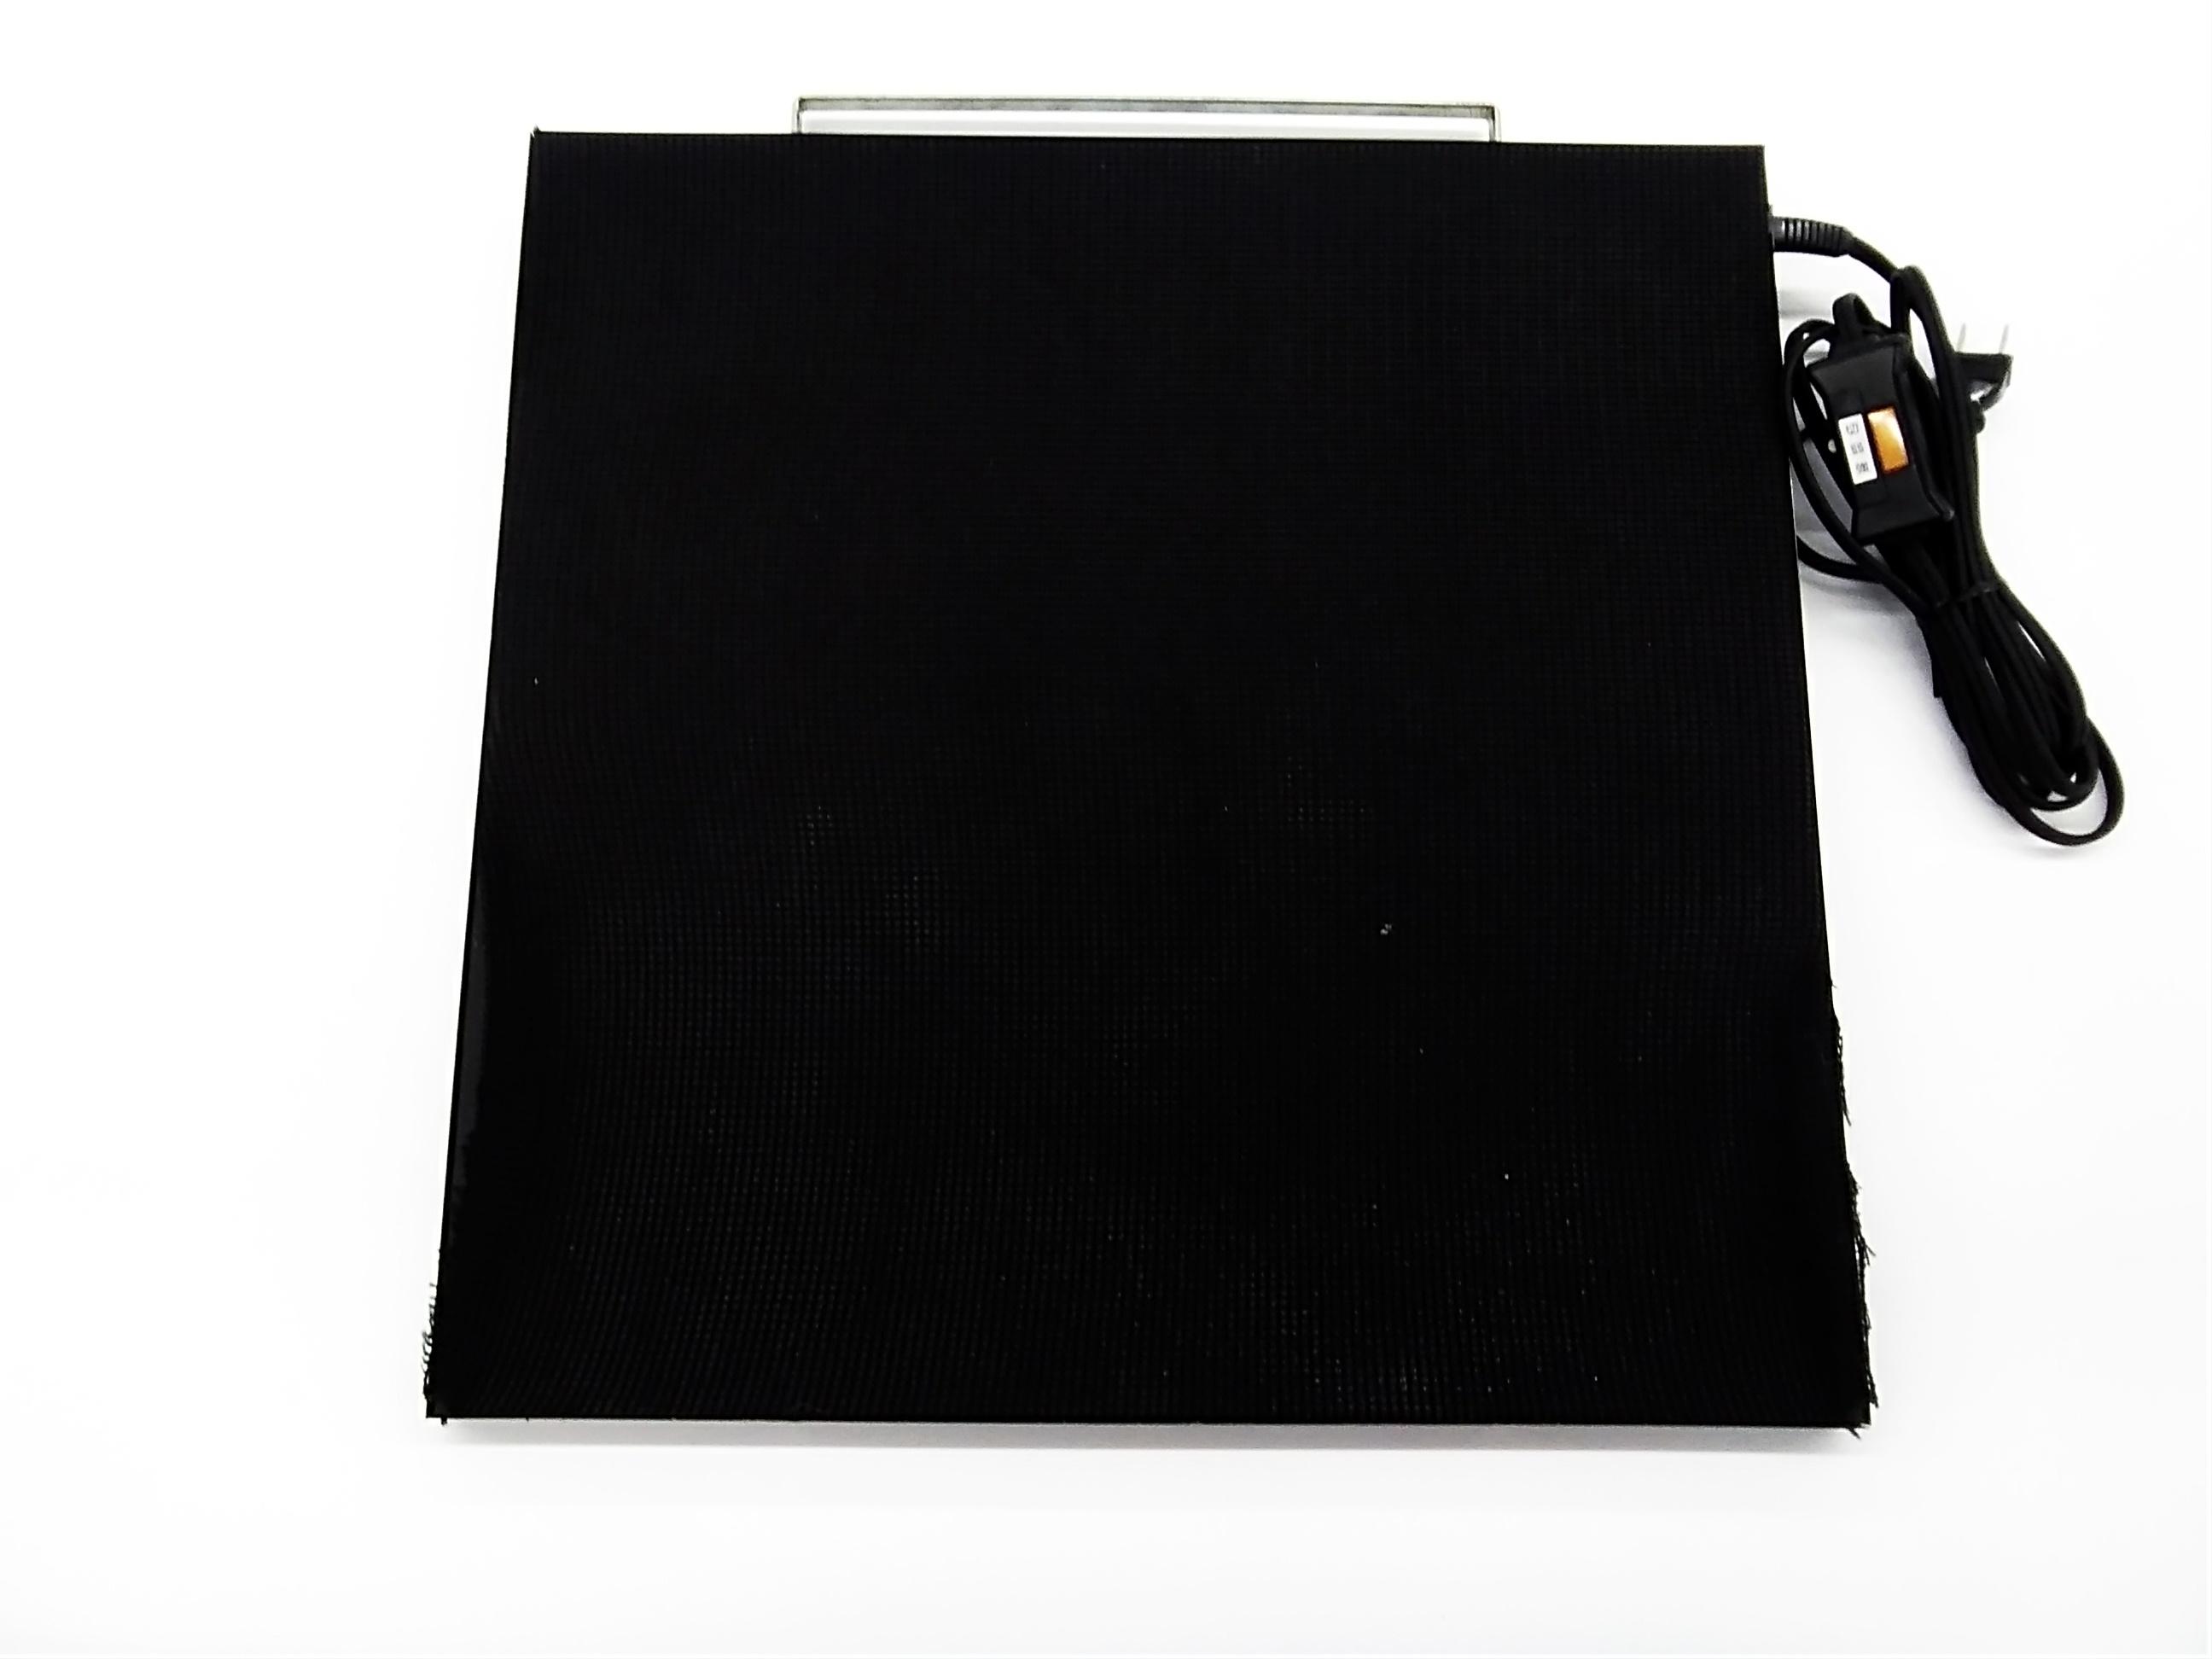 テーブル・デスク用遠赤外線パネルヒーター|ヒロックテクニカ